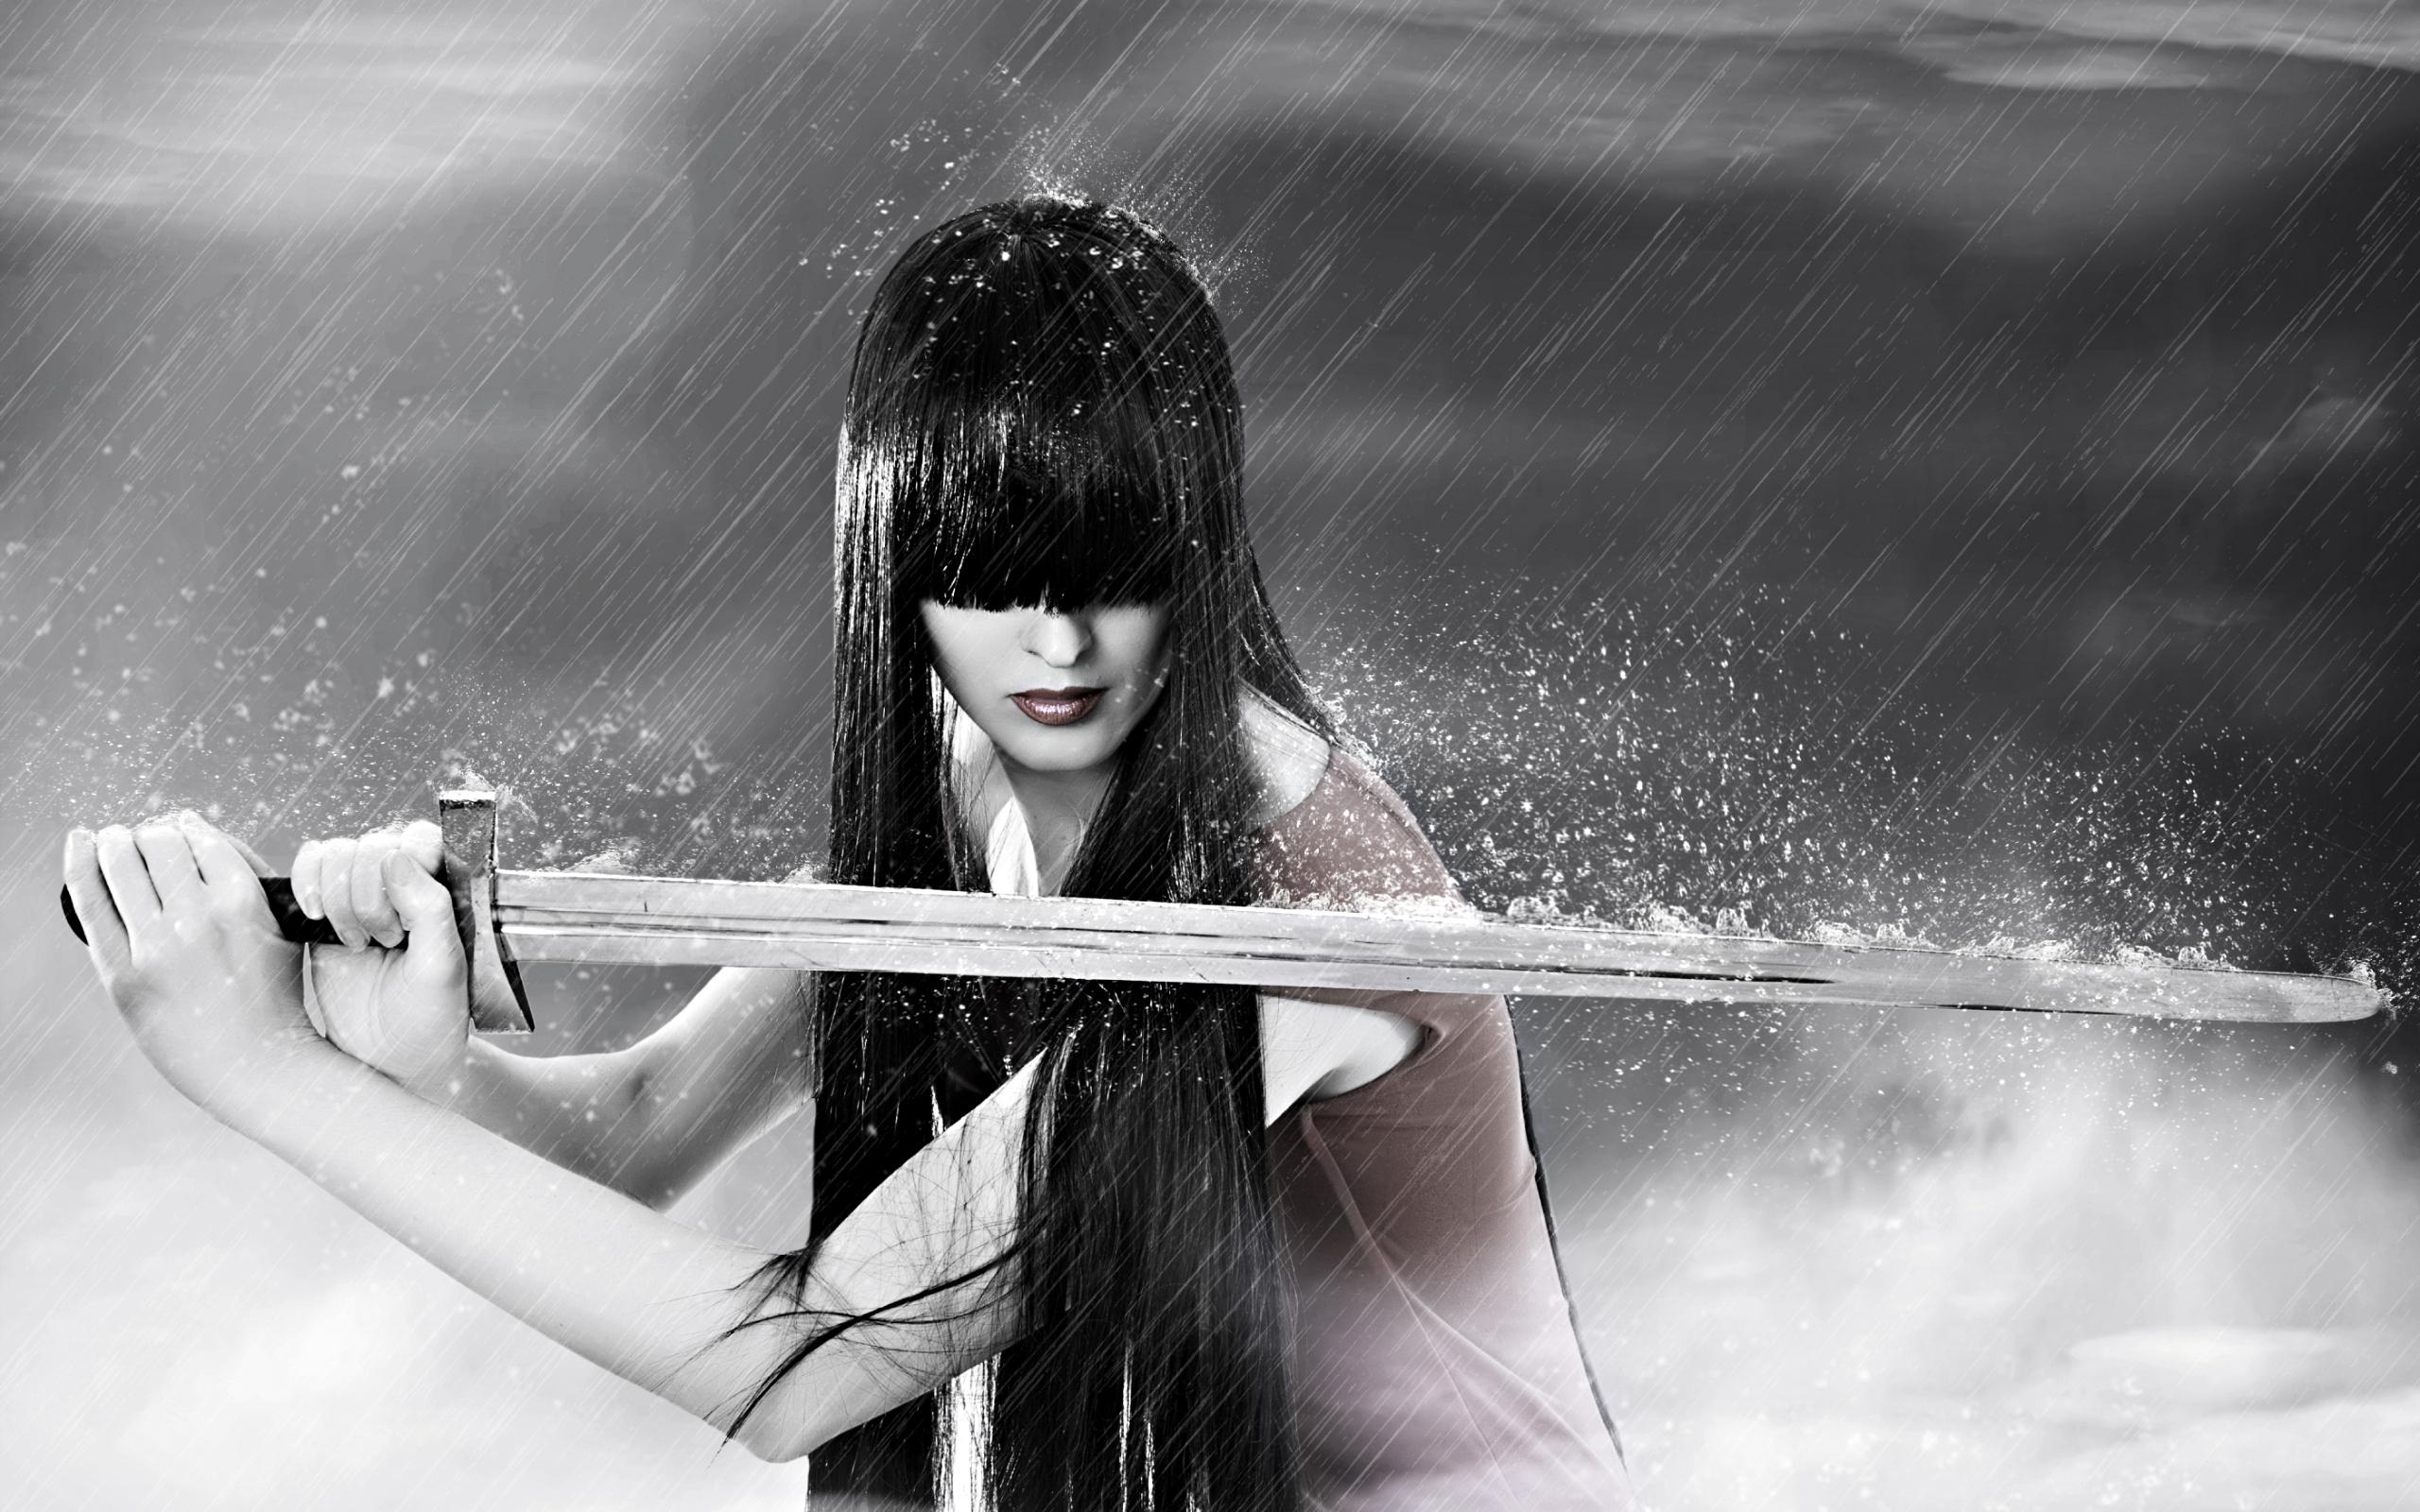 Sword warrior girl in rain